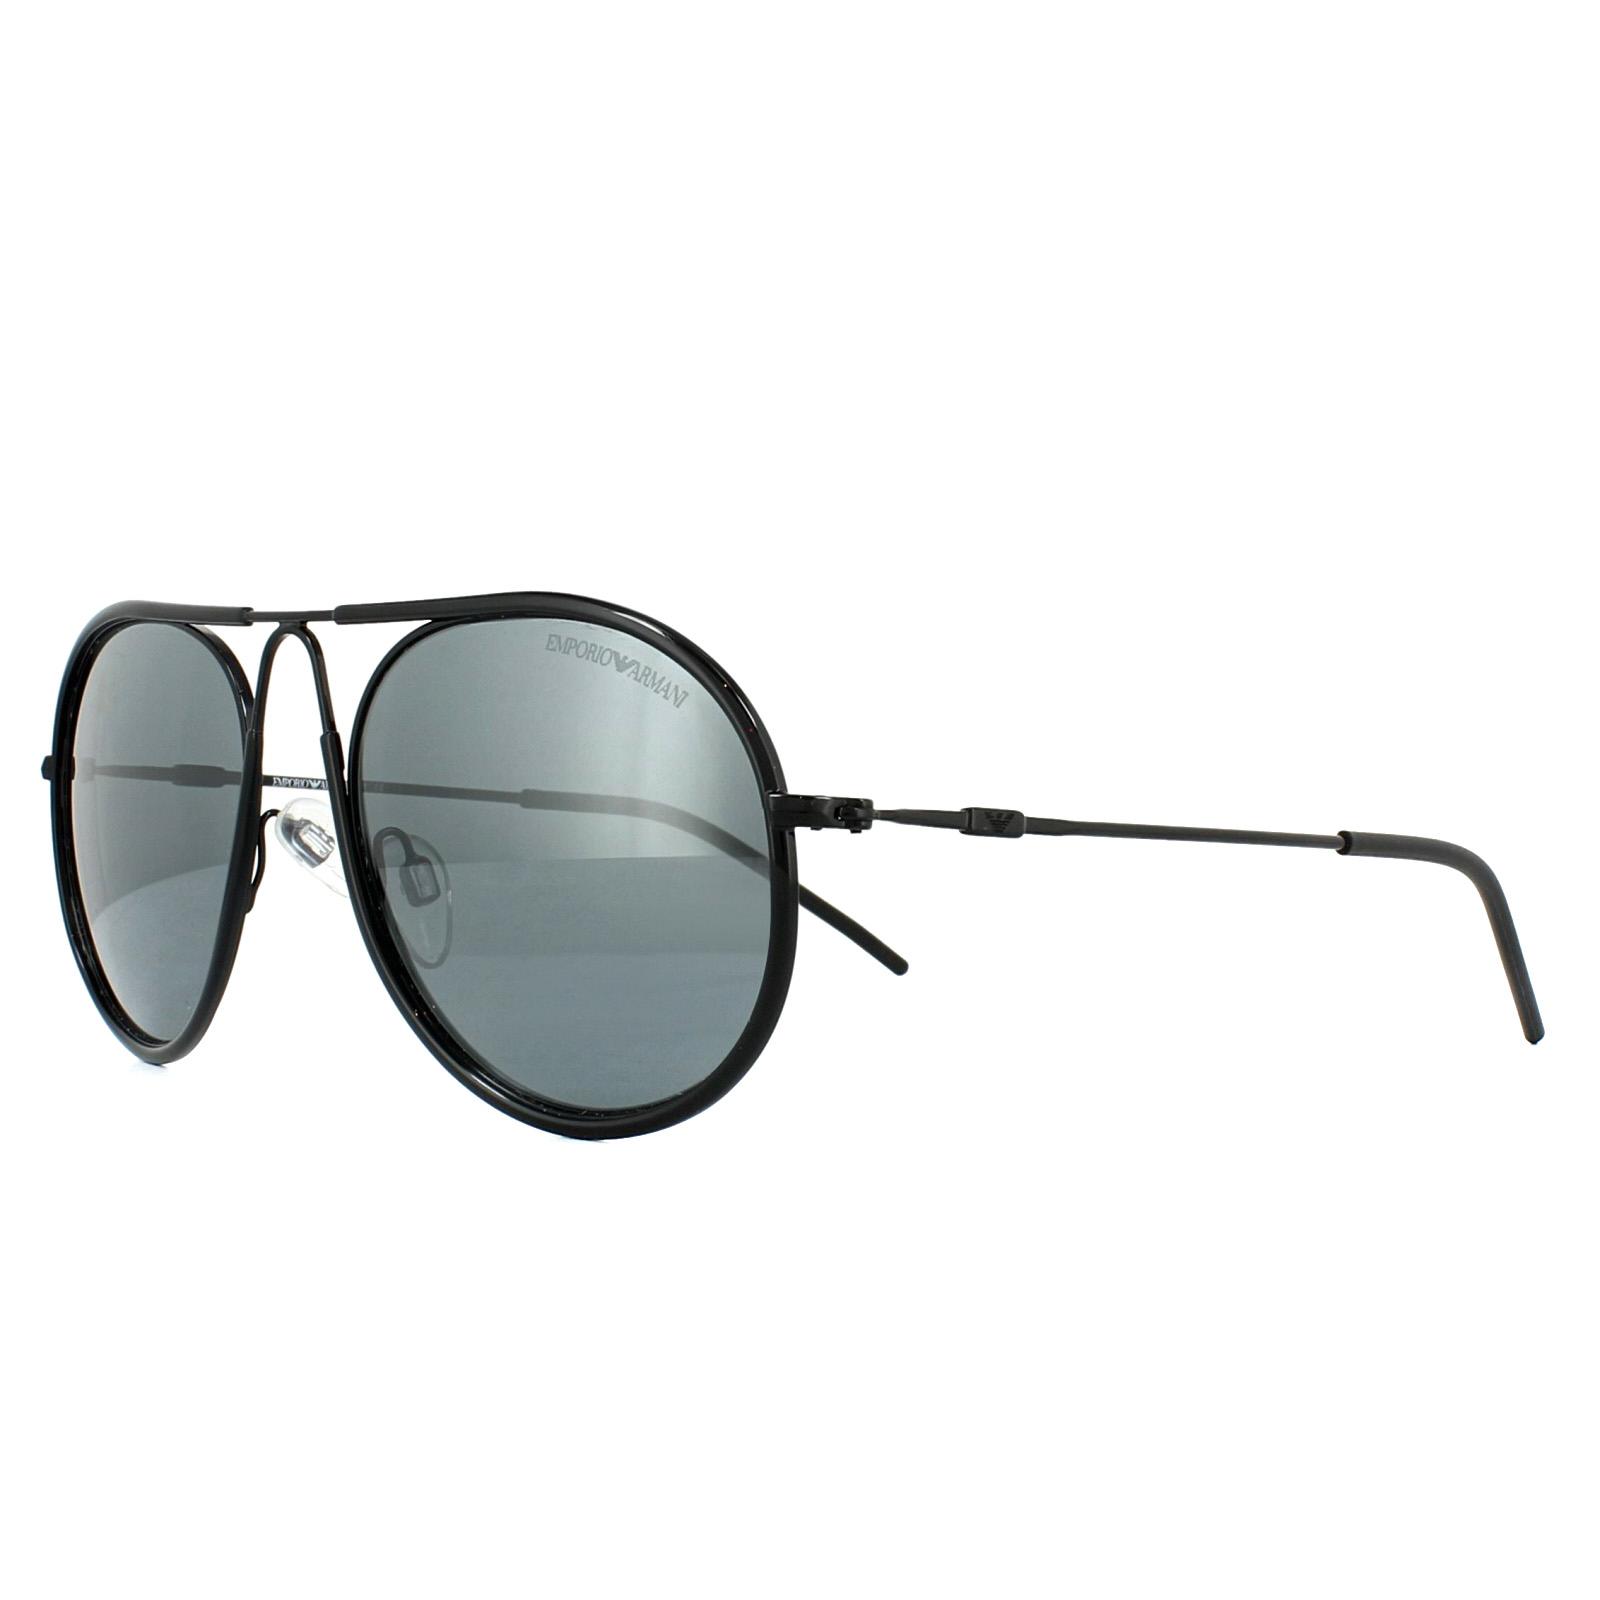 579d46fe53a Sentinel Emporio Armani Sunglasses 2034 30146G Black Grey Mirror